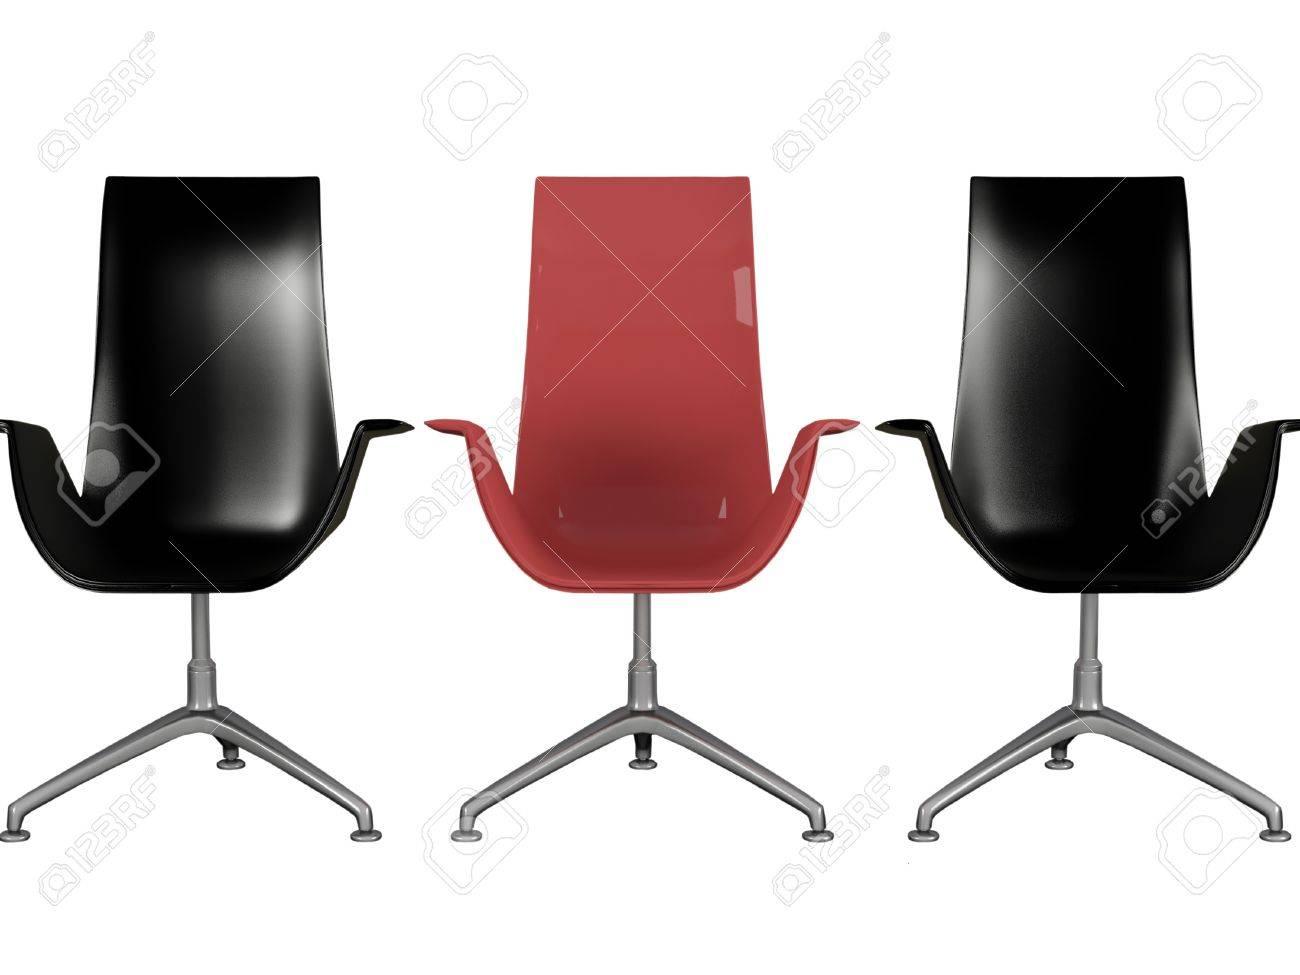 Trois fauteuils de bureau moderne en noir et rouge isolé sur blanc